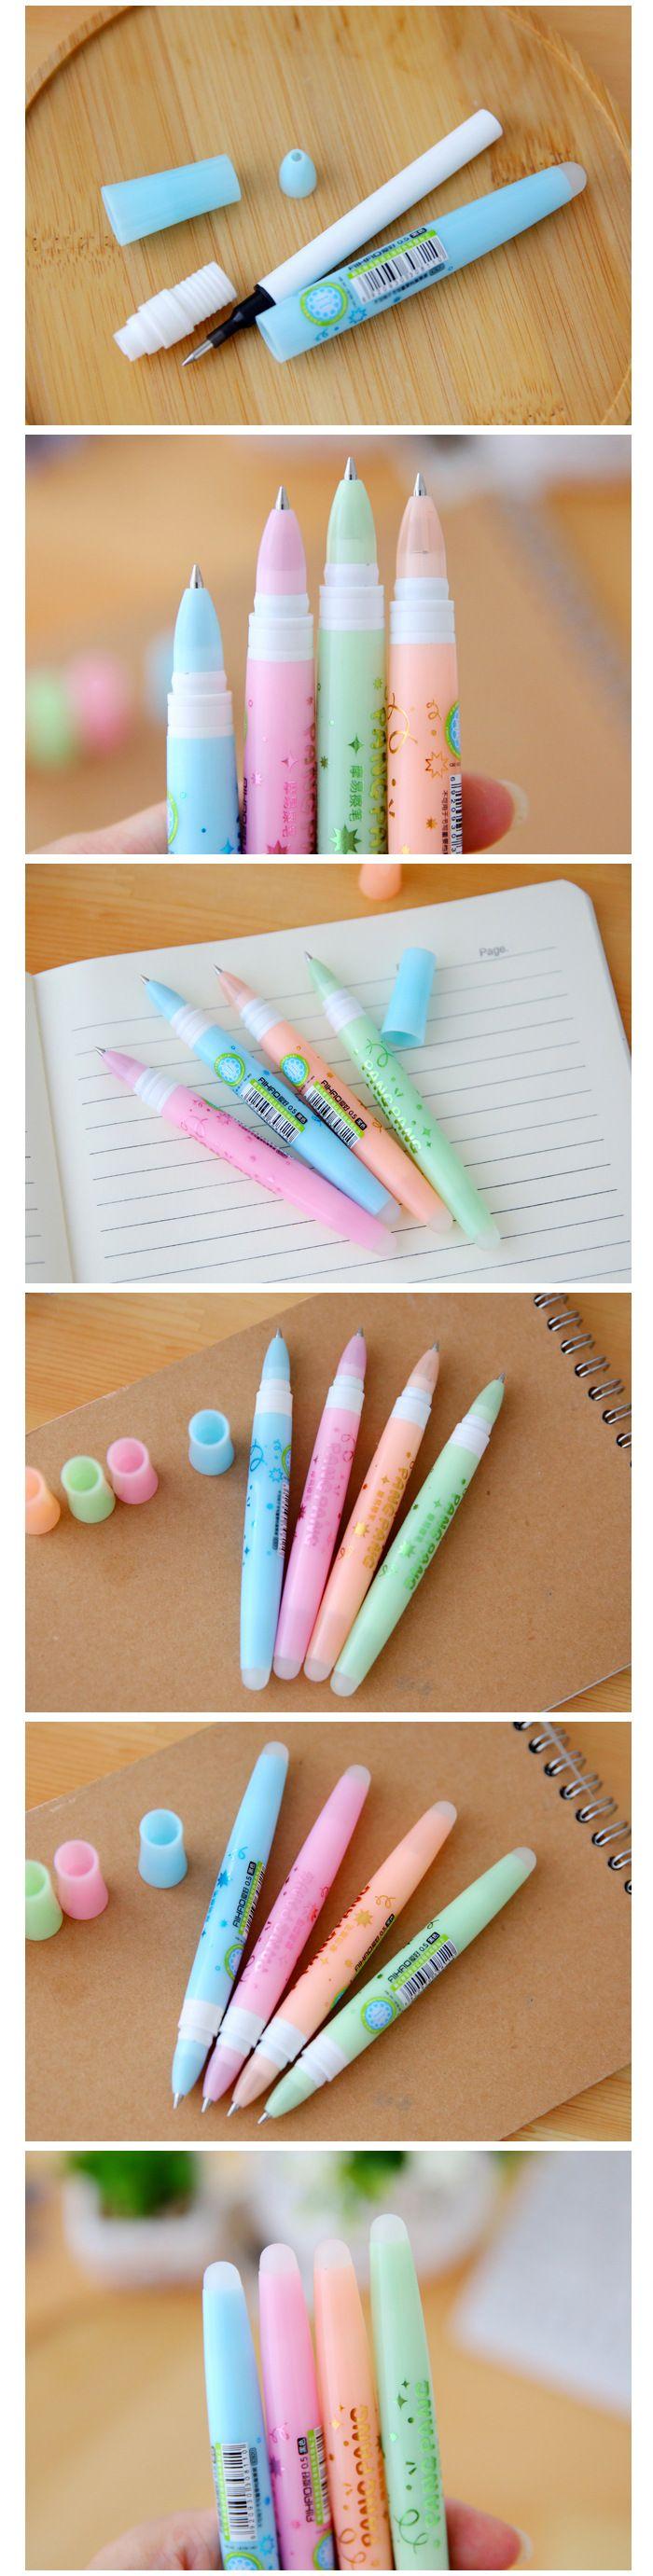 68,20 руб. / шт. Письменные принадлежности > Гелевые ручки